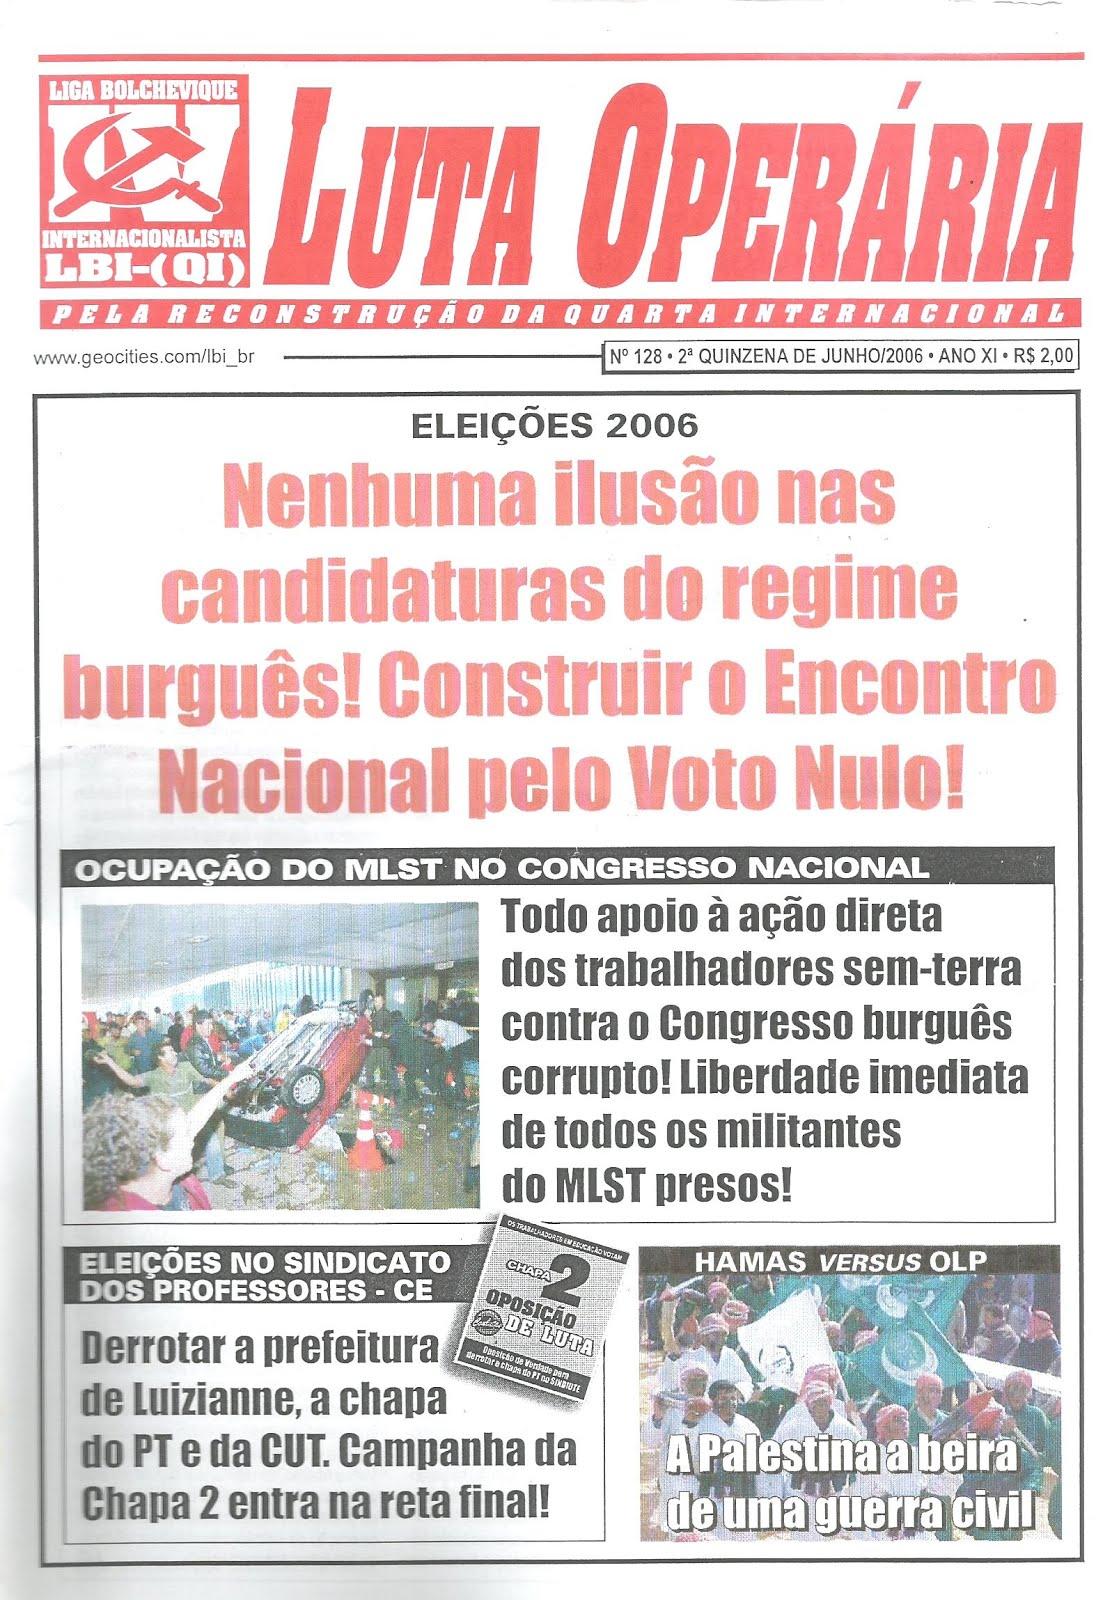 LEIA A EDIÇÃO DO JORNAL LUTA OPERÁRIA Nº 128, 2ª QUINZ. DE JUNHO/2006